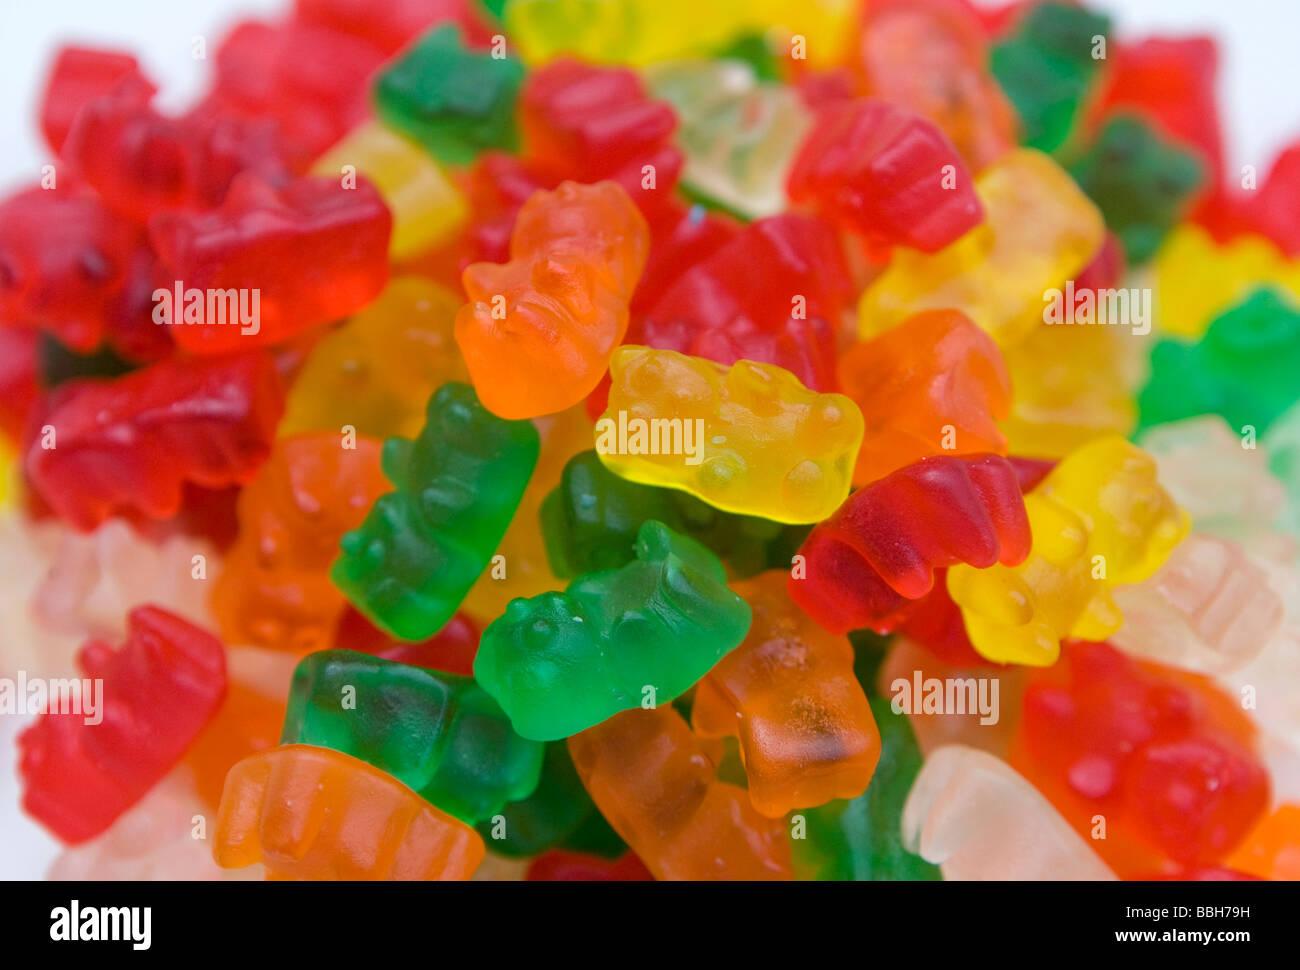 Bonbons Ours gommeux les ventes aux États-Unis sont restés élevés malgré une augmentation générale du prix des bonbons et le curren Banque D'Images